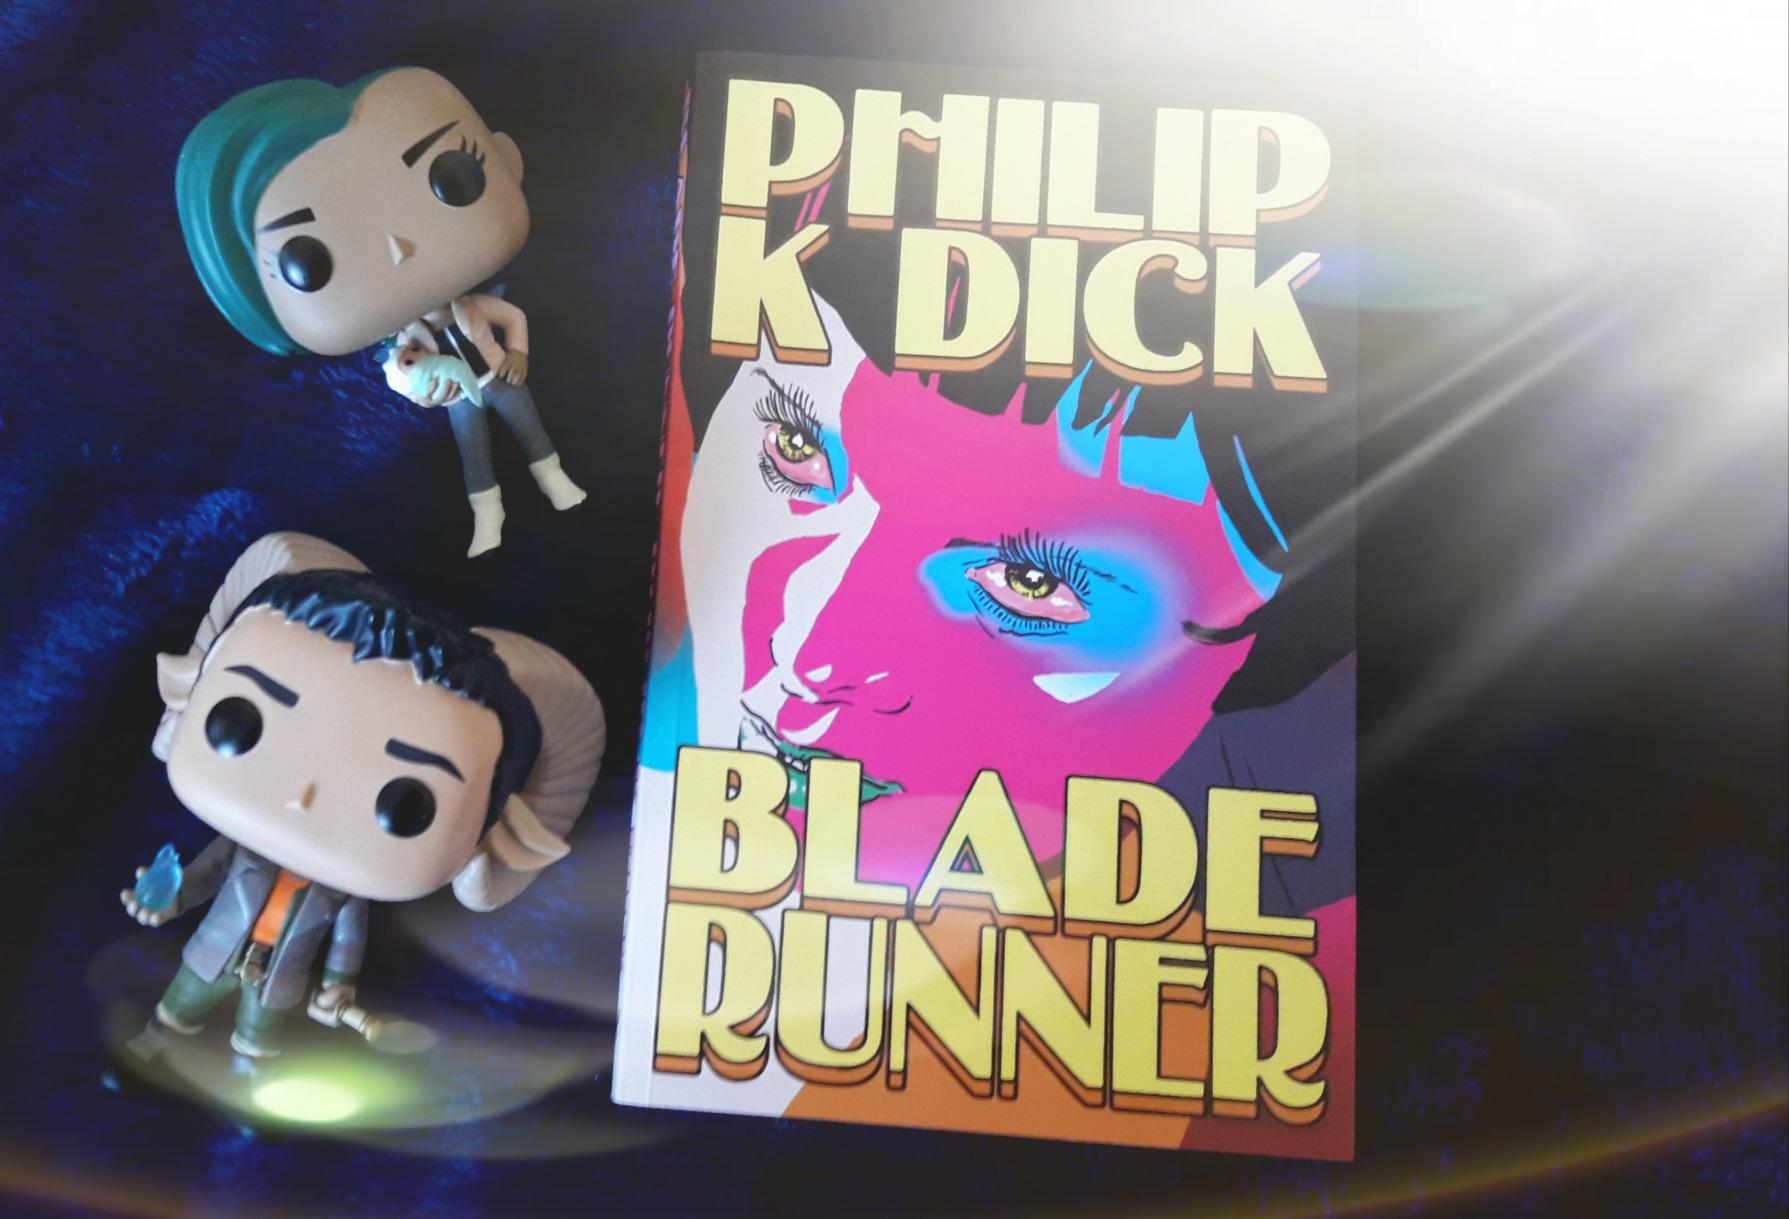 Blade Runner: as coisas elétricas também têm suas vidas